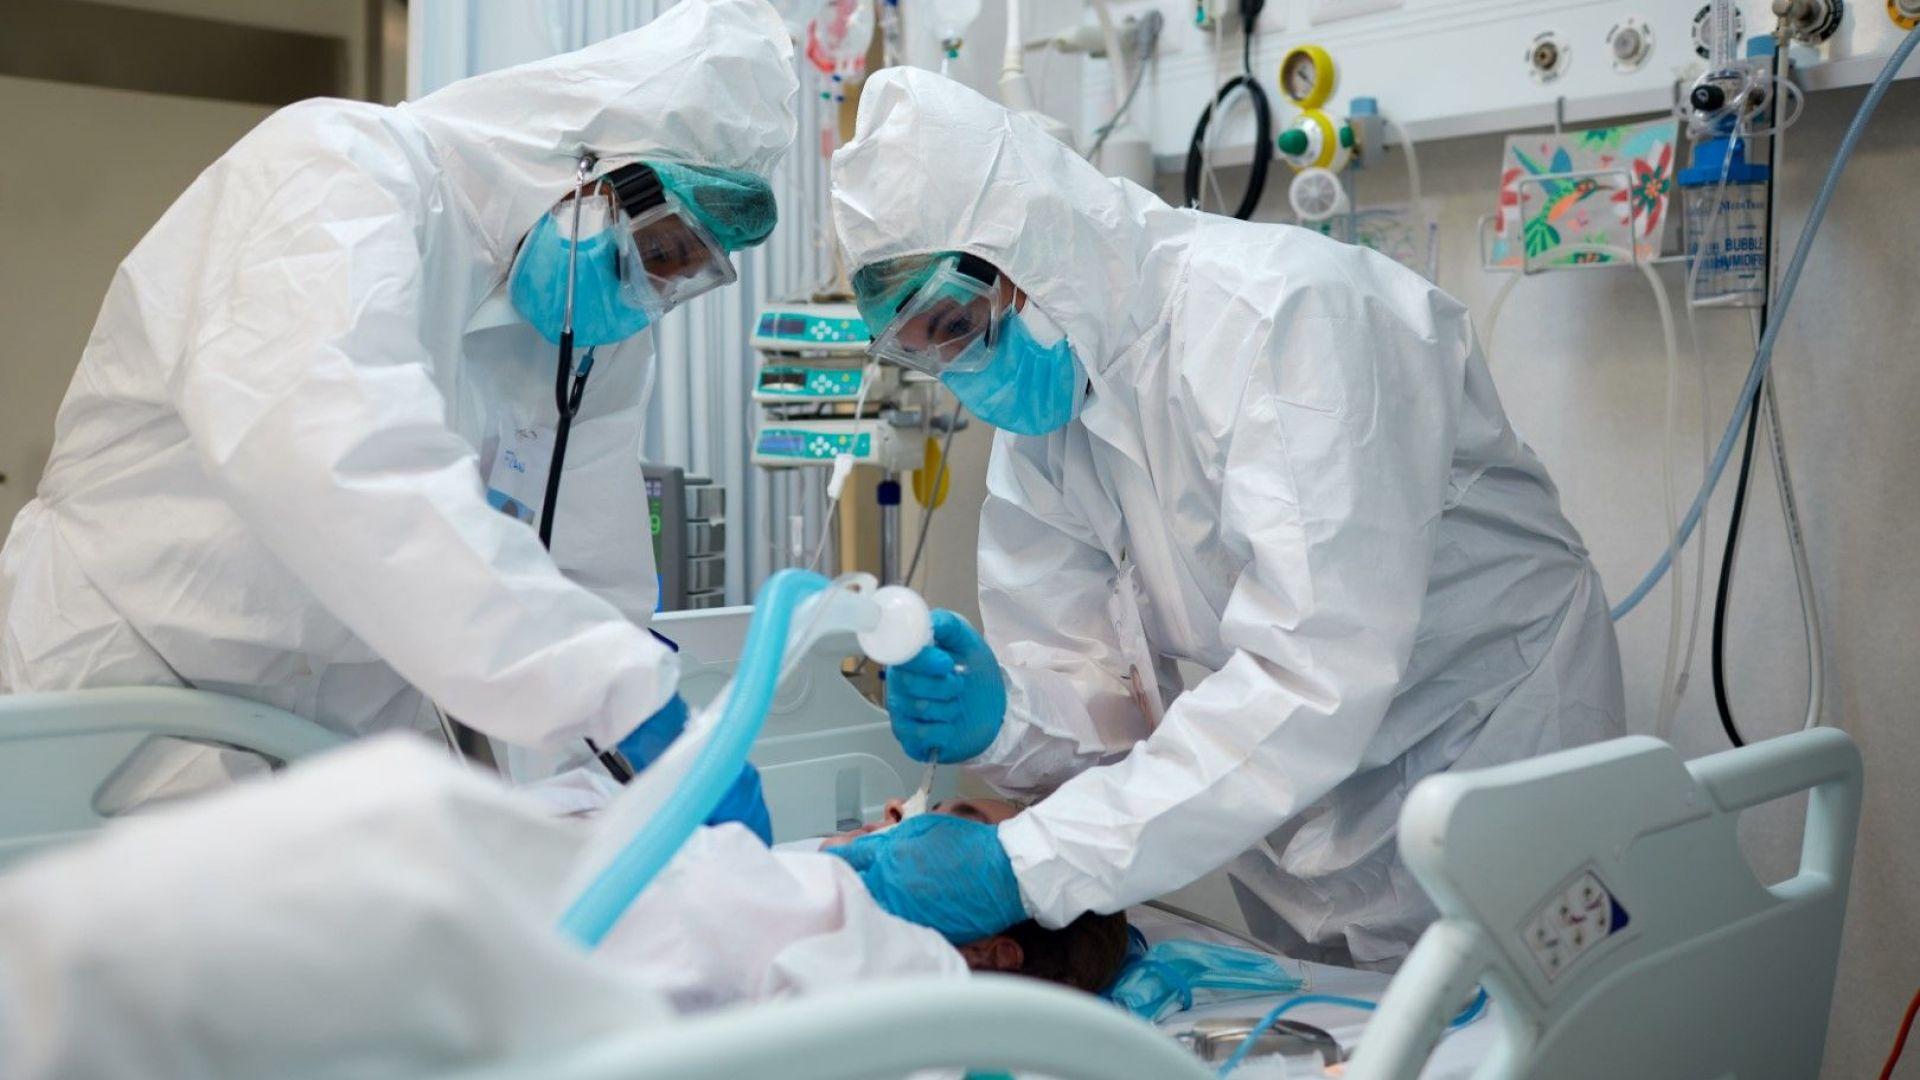 Двама лекари починаха от COVID-19, жертвите сред медиците вече са 15